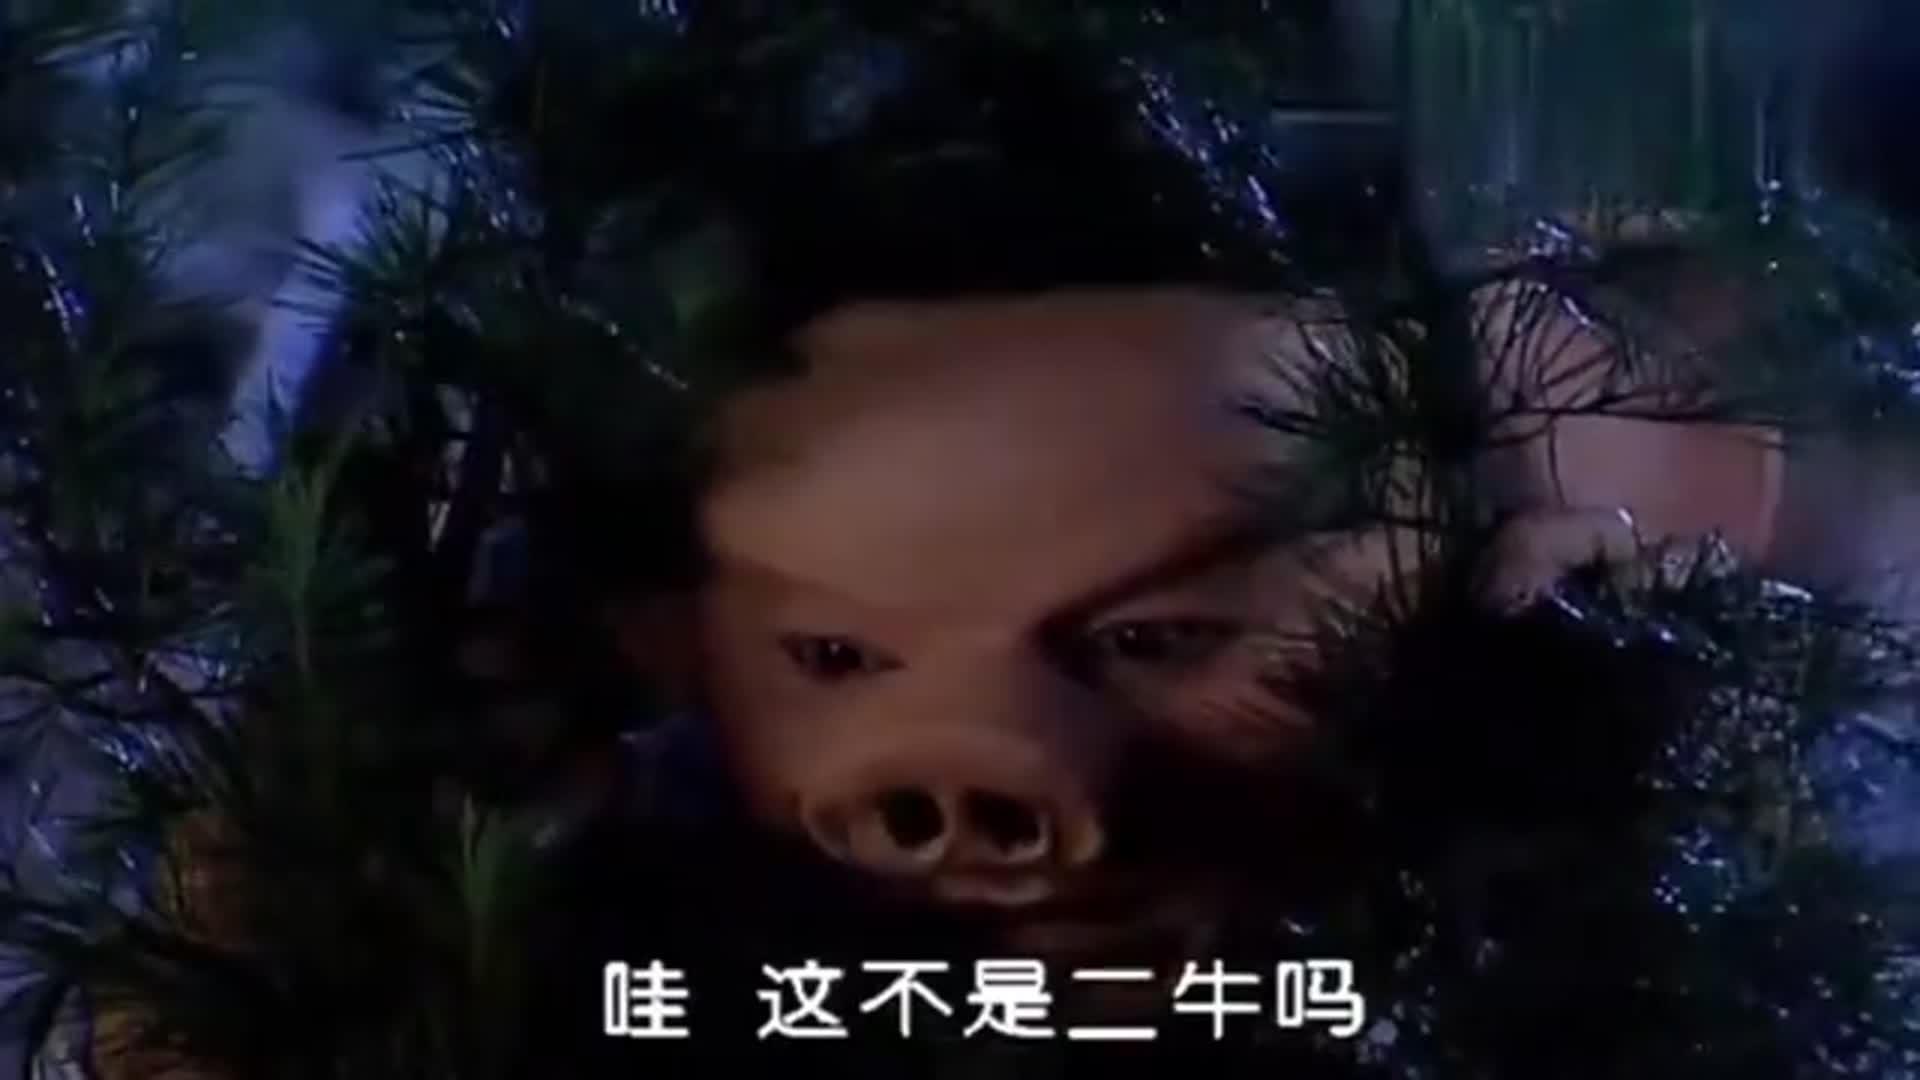 春光灿烂:嫦娥主动索拥抱,八戒正开心,结果下秒却变成猪头